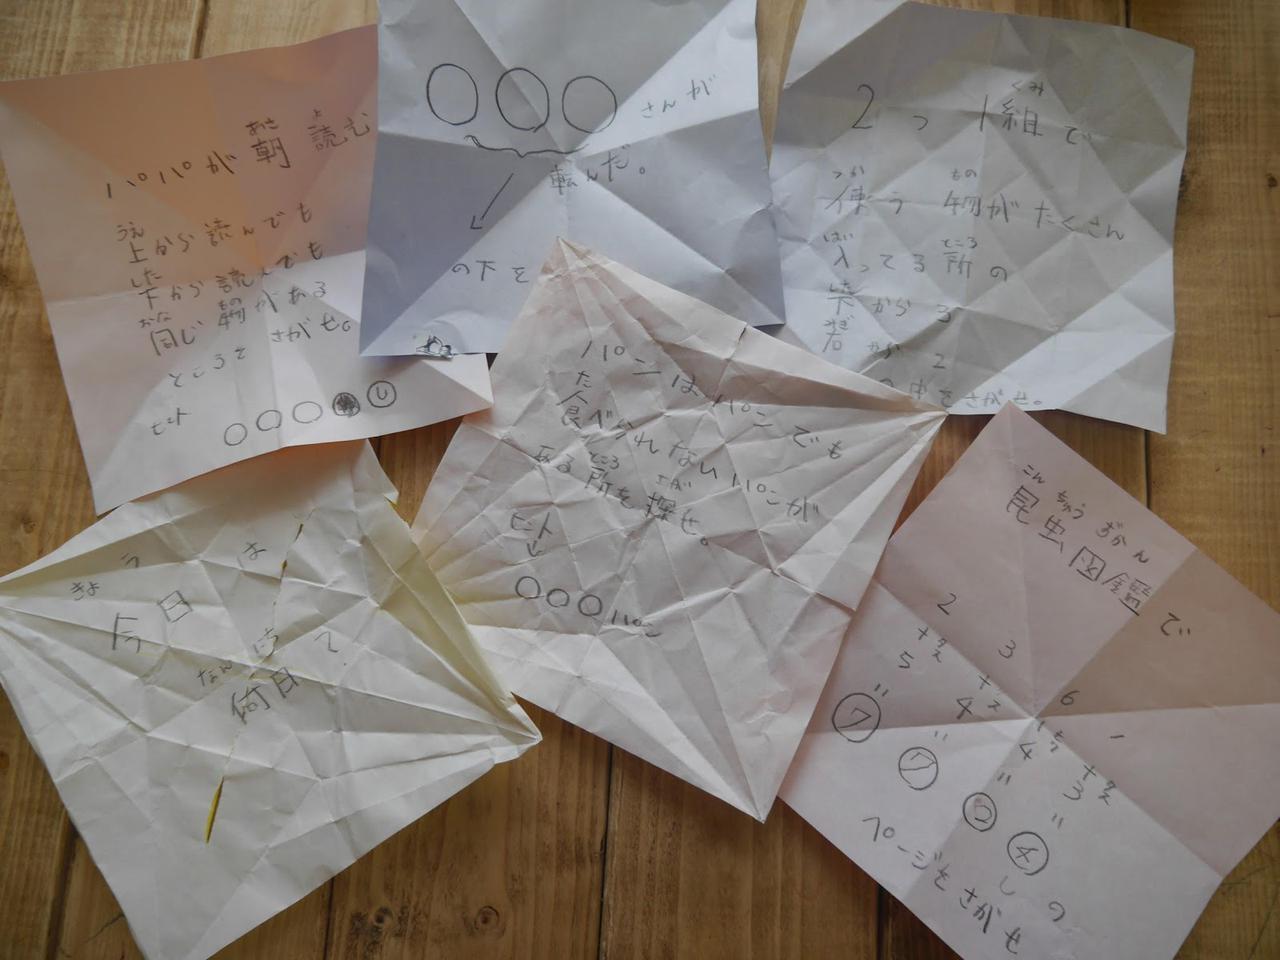 画像: 筆者撮影 我が家では折り紙を使っています!